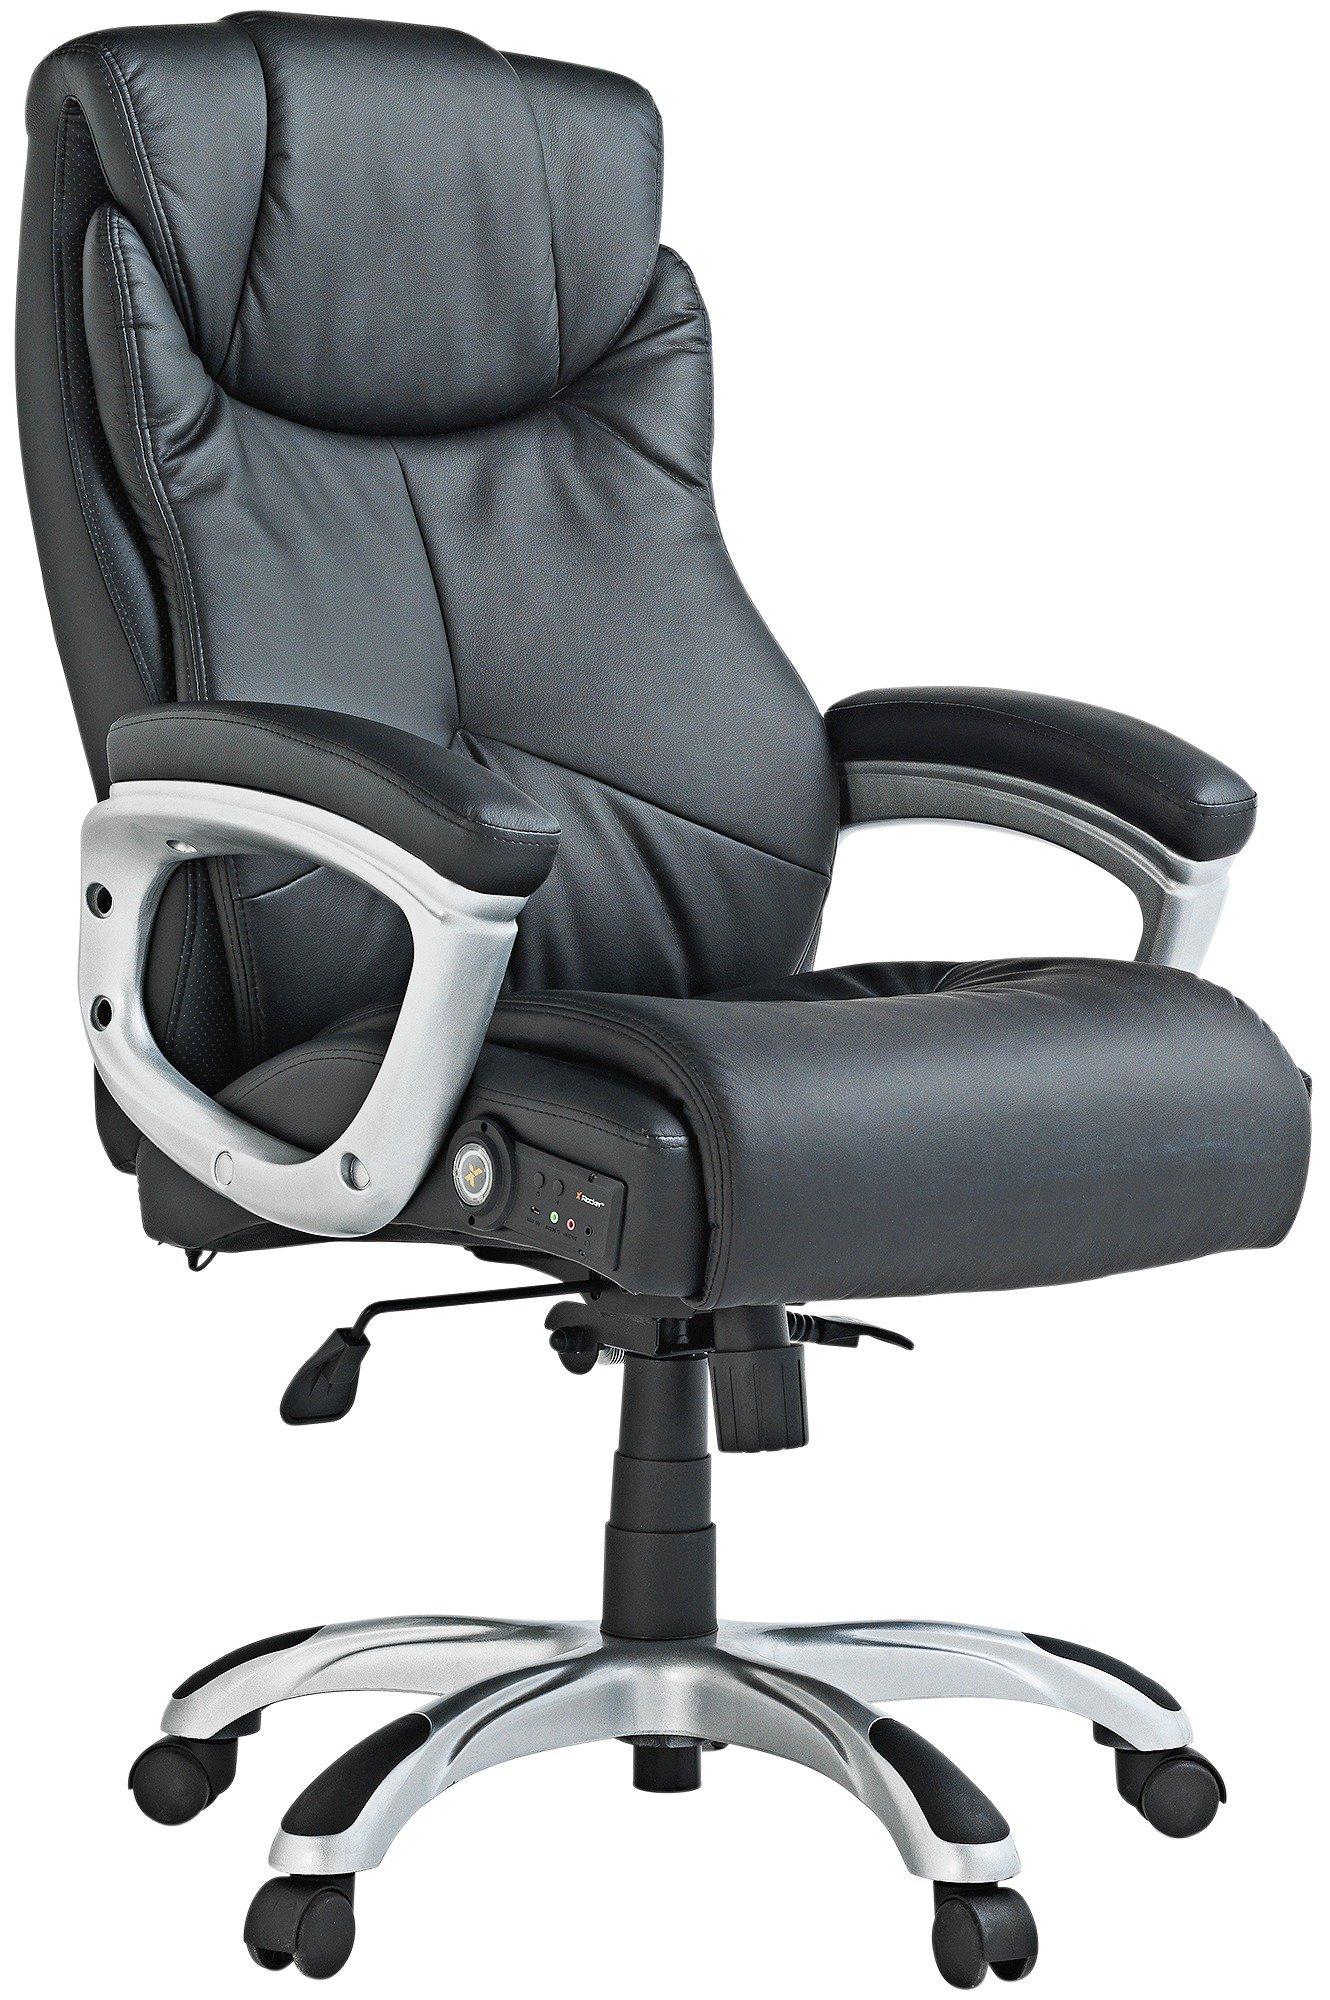 X-Rocker Executive 2.0 Wireless Executive Office Chair - £136.49 at Argos